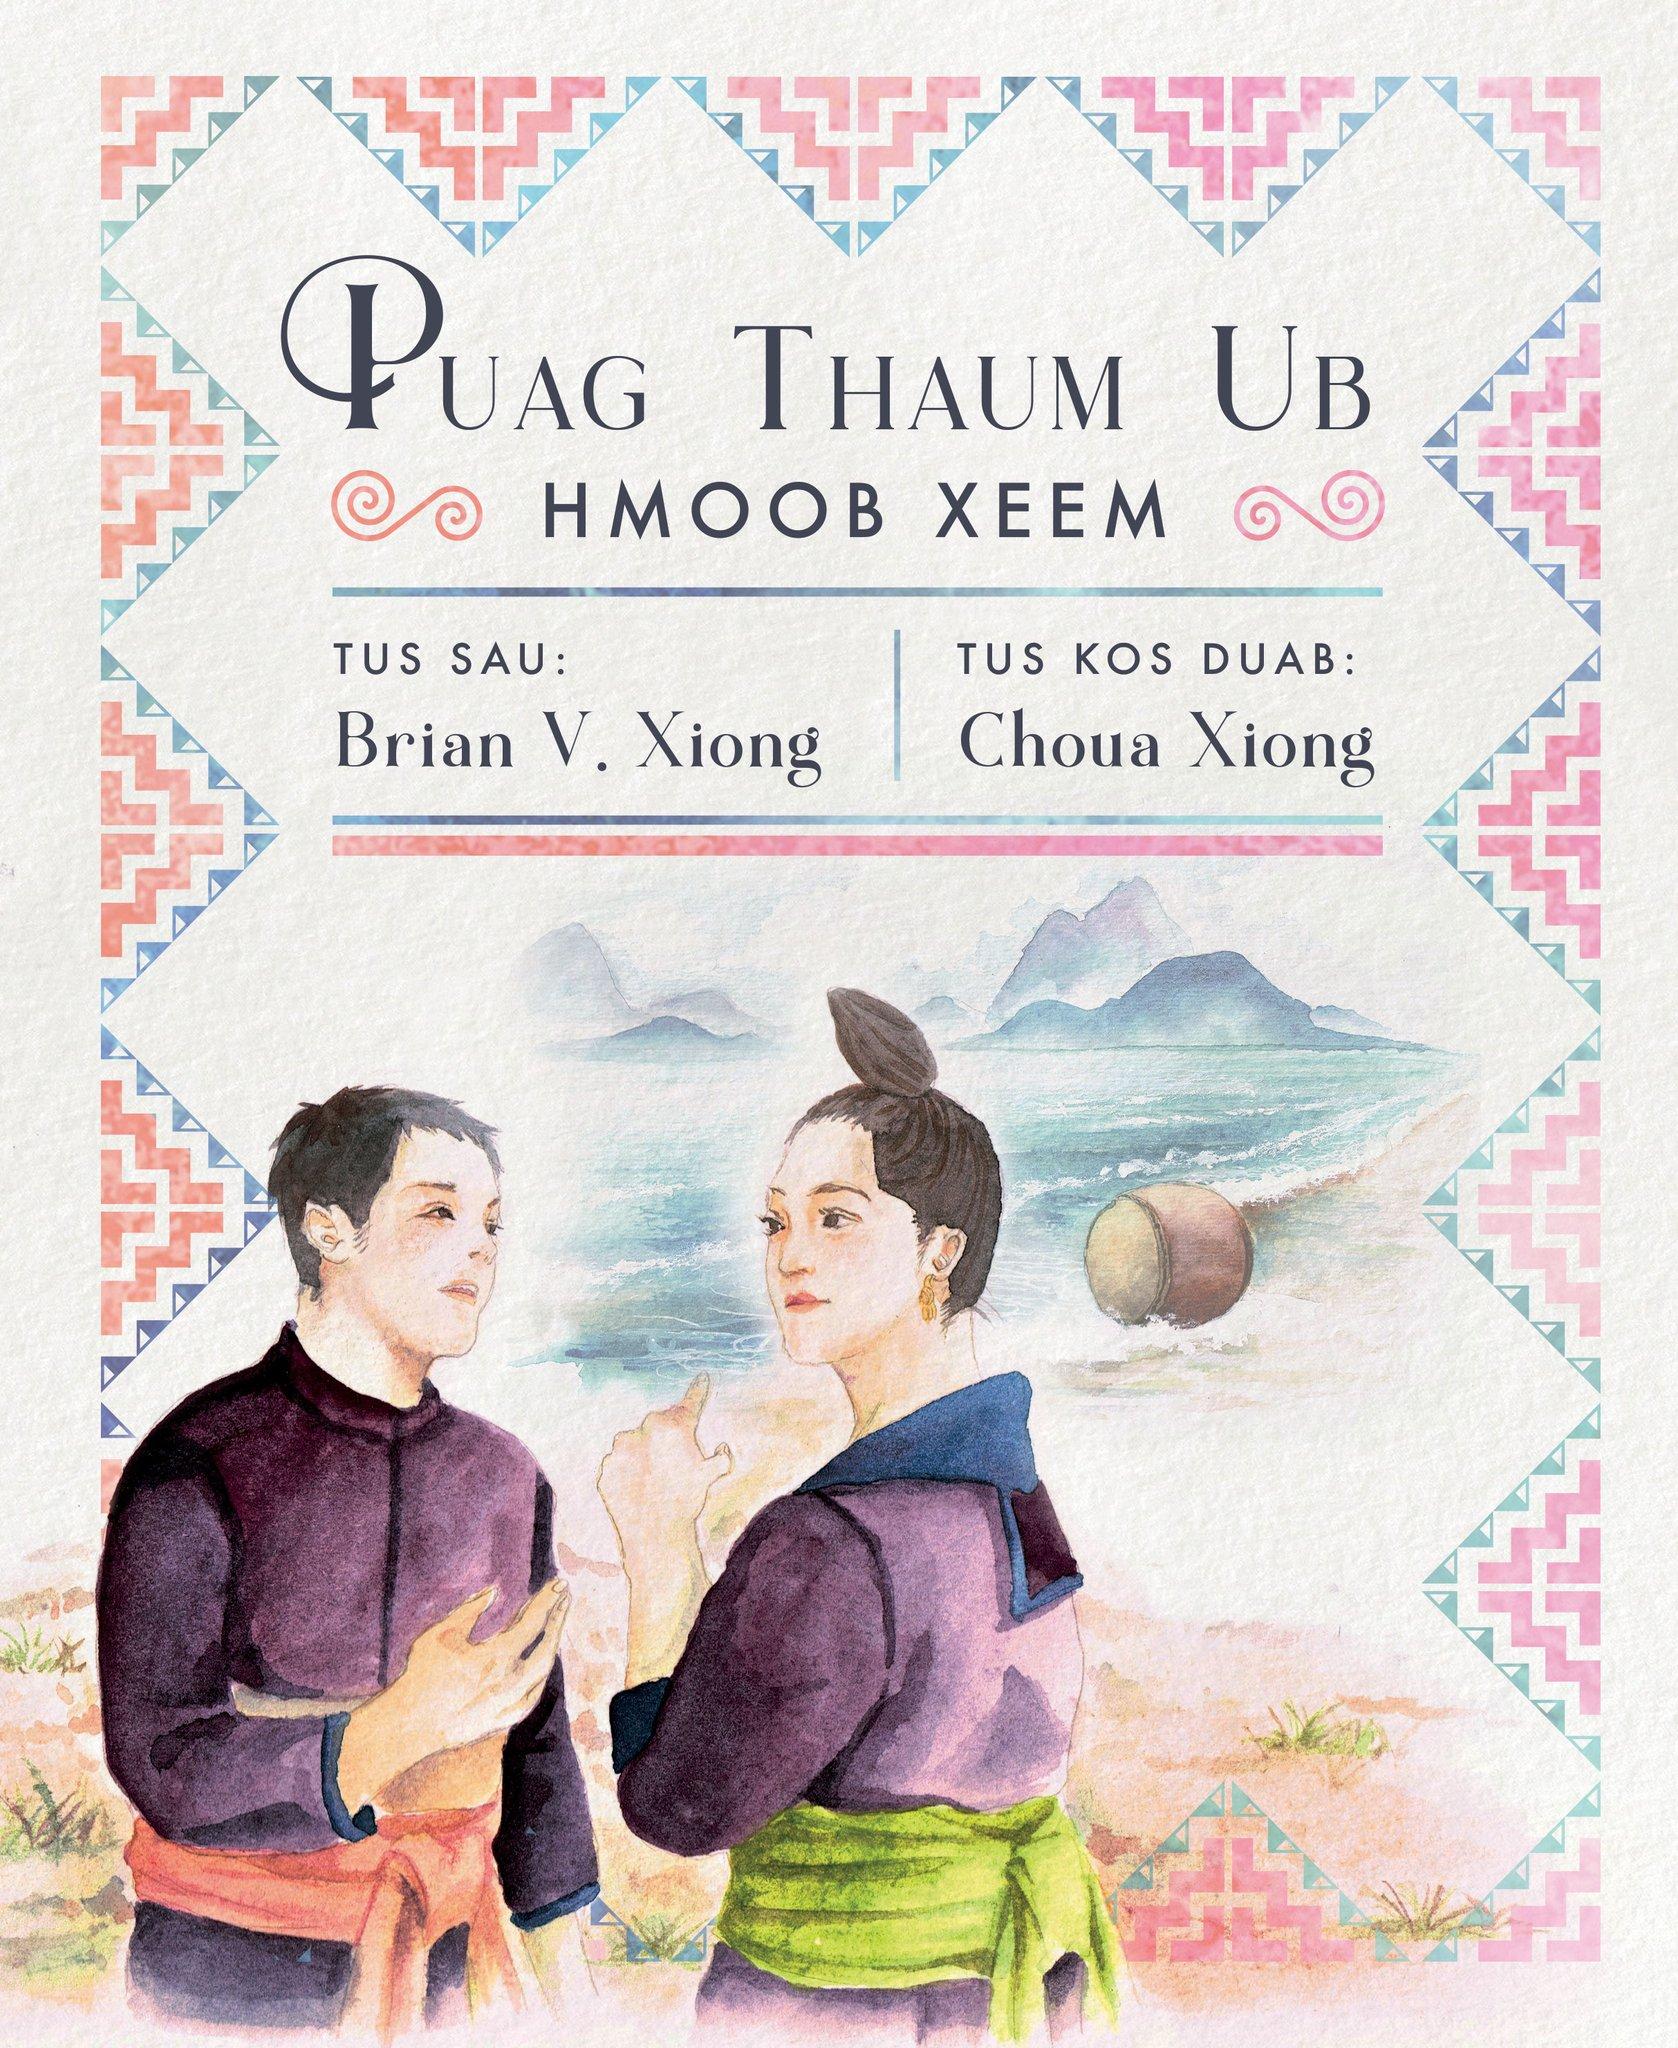 PuagThaumUb-Cover_1024x1024@2x